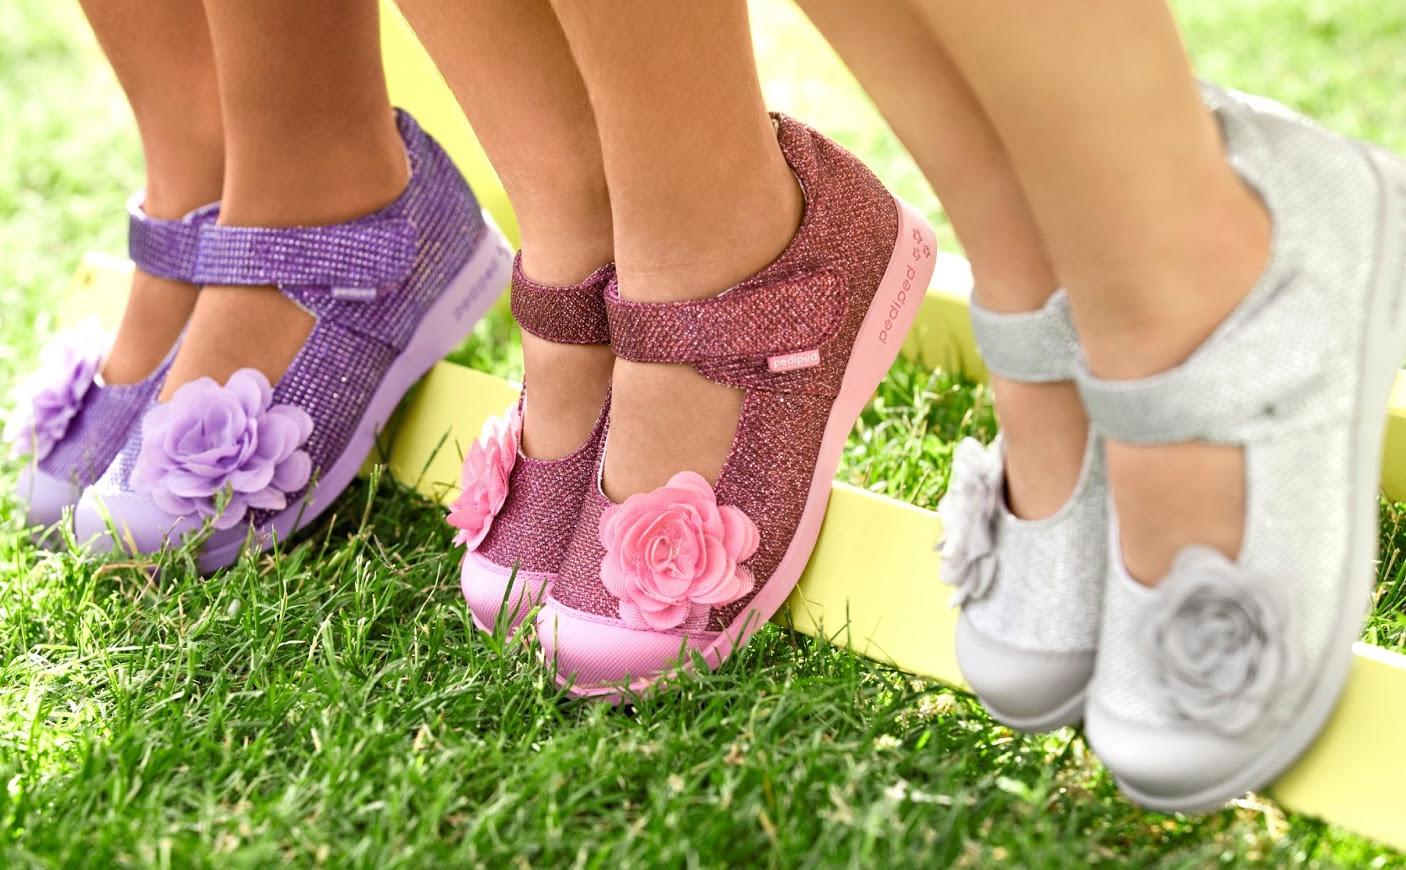 Правильная обувь — залог здоровых ножек